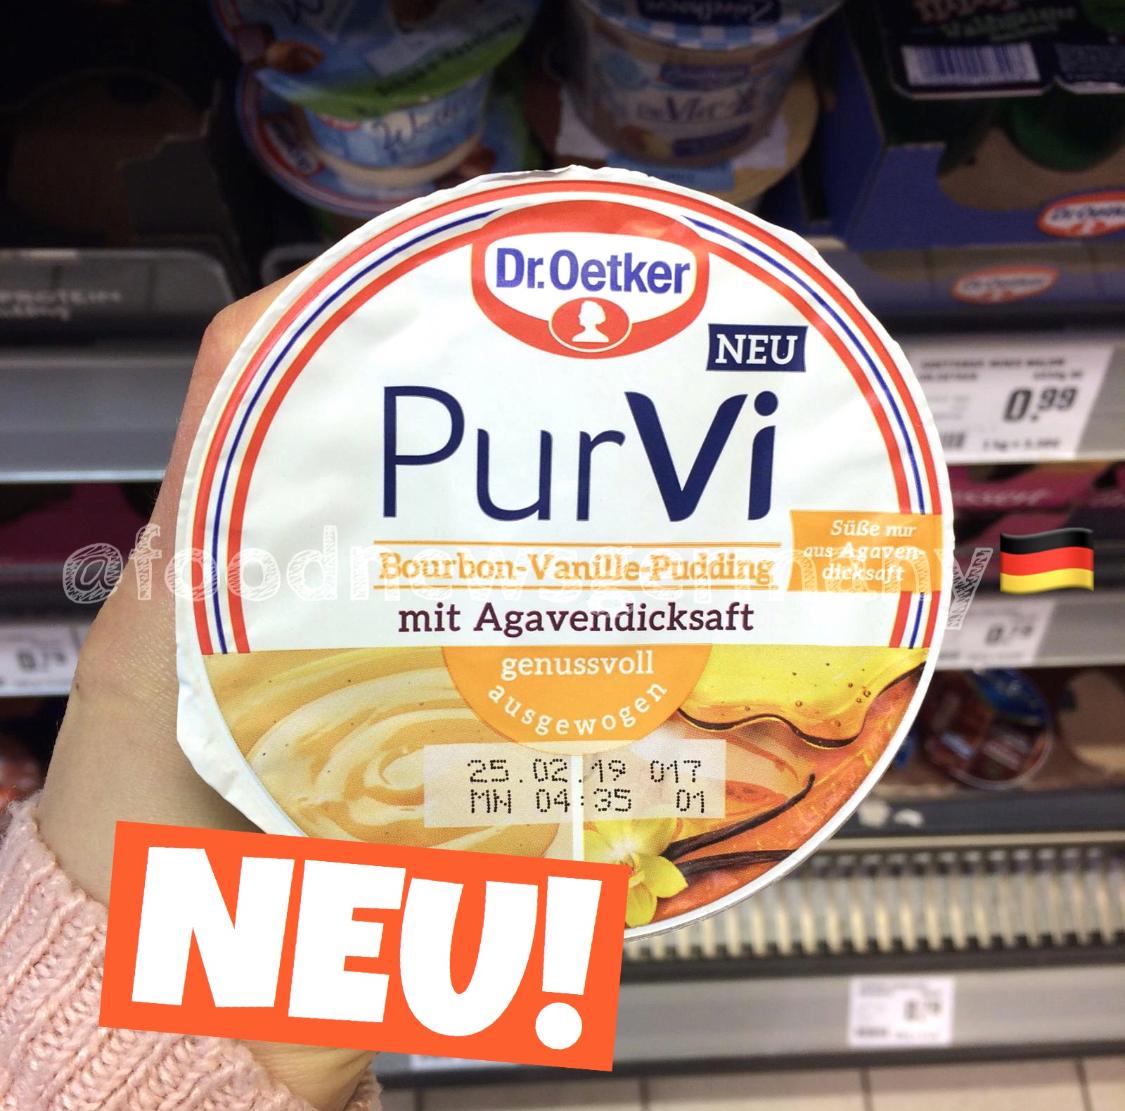 Dr. Oetker PurVi Bourbon Vanille-Pudding